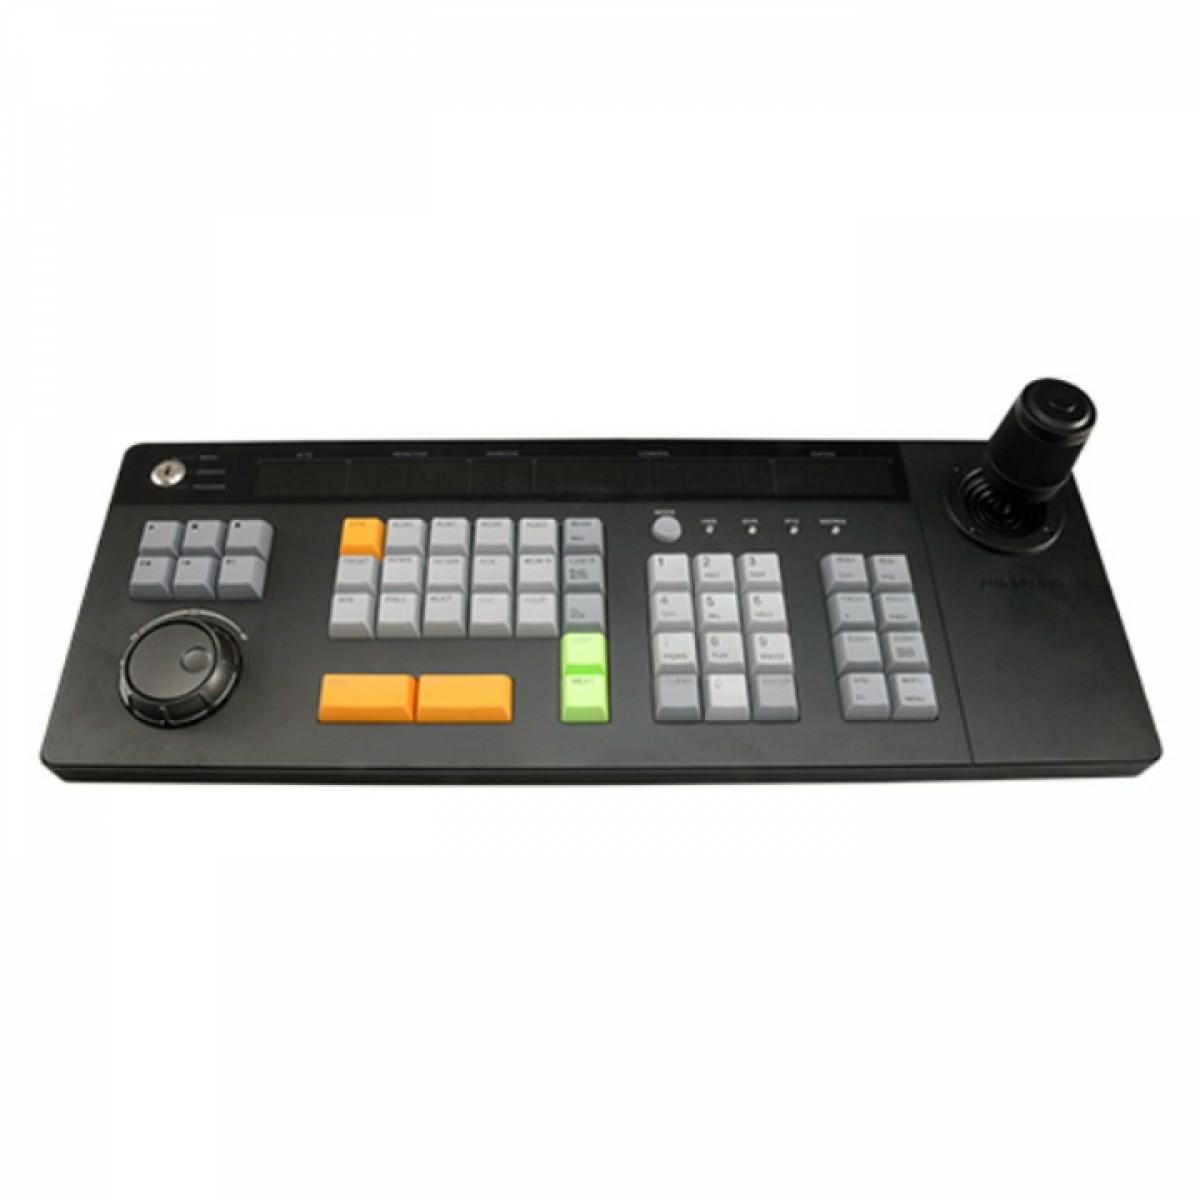 SICE Distributore Ufficiale  ACCESSORI HIKVISION Tastiera a controllo 3 assi. Fino a 128 speed dome | DS-1004KI